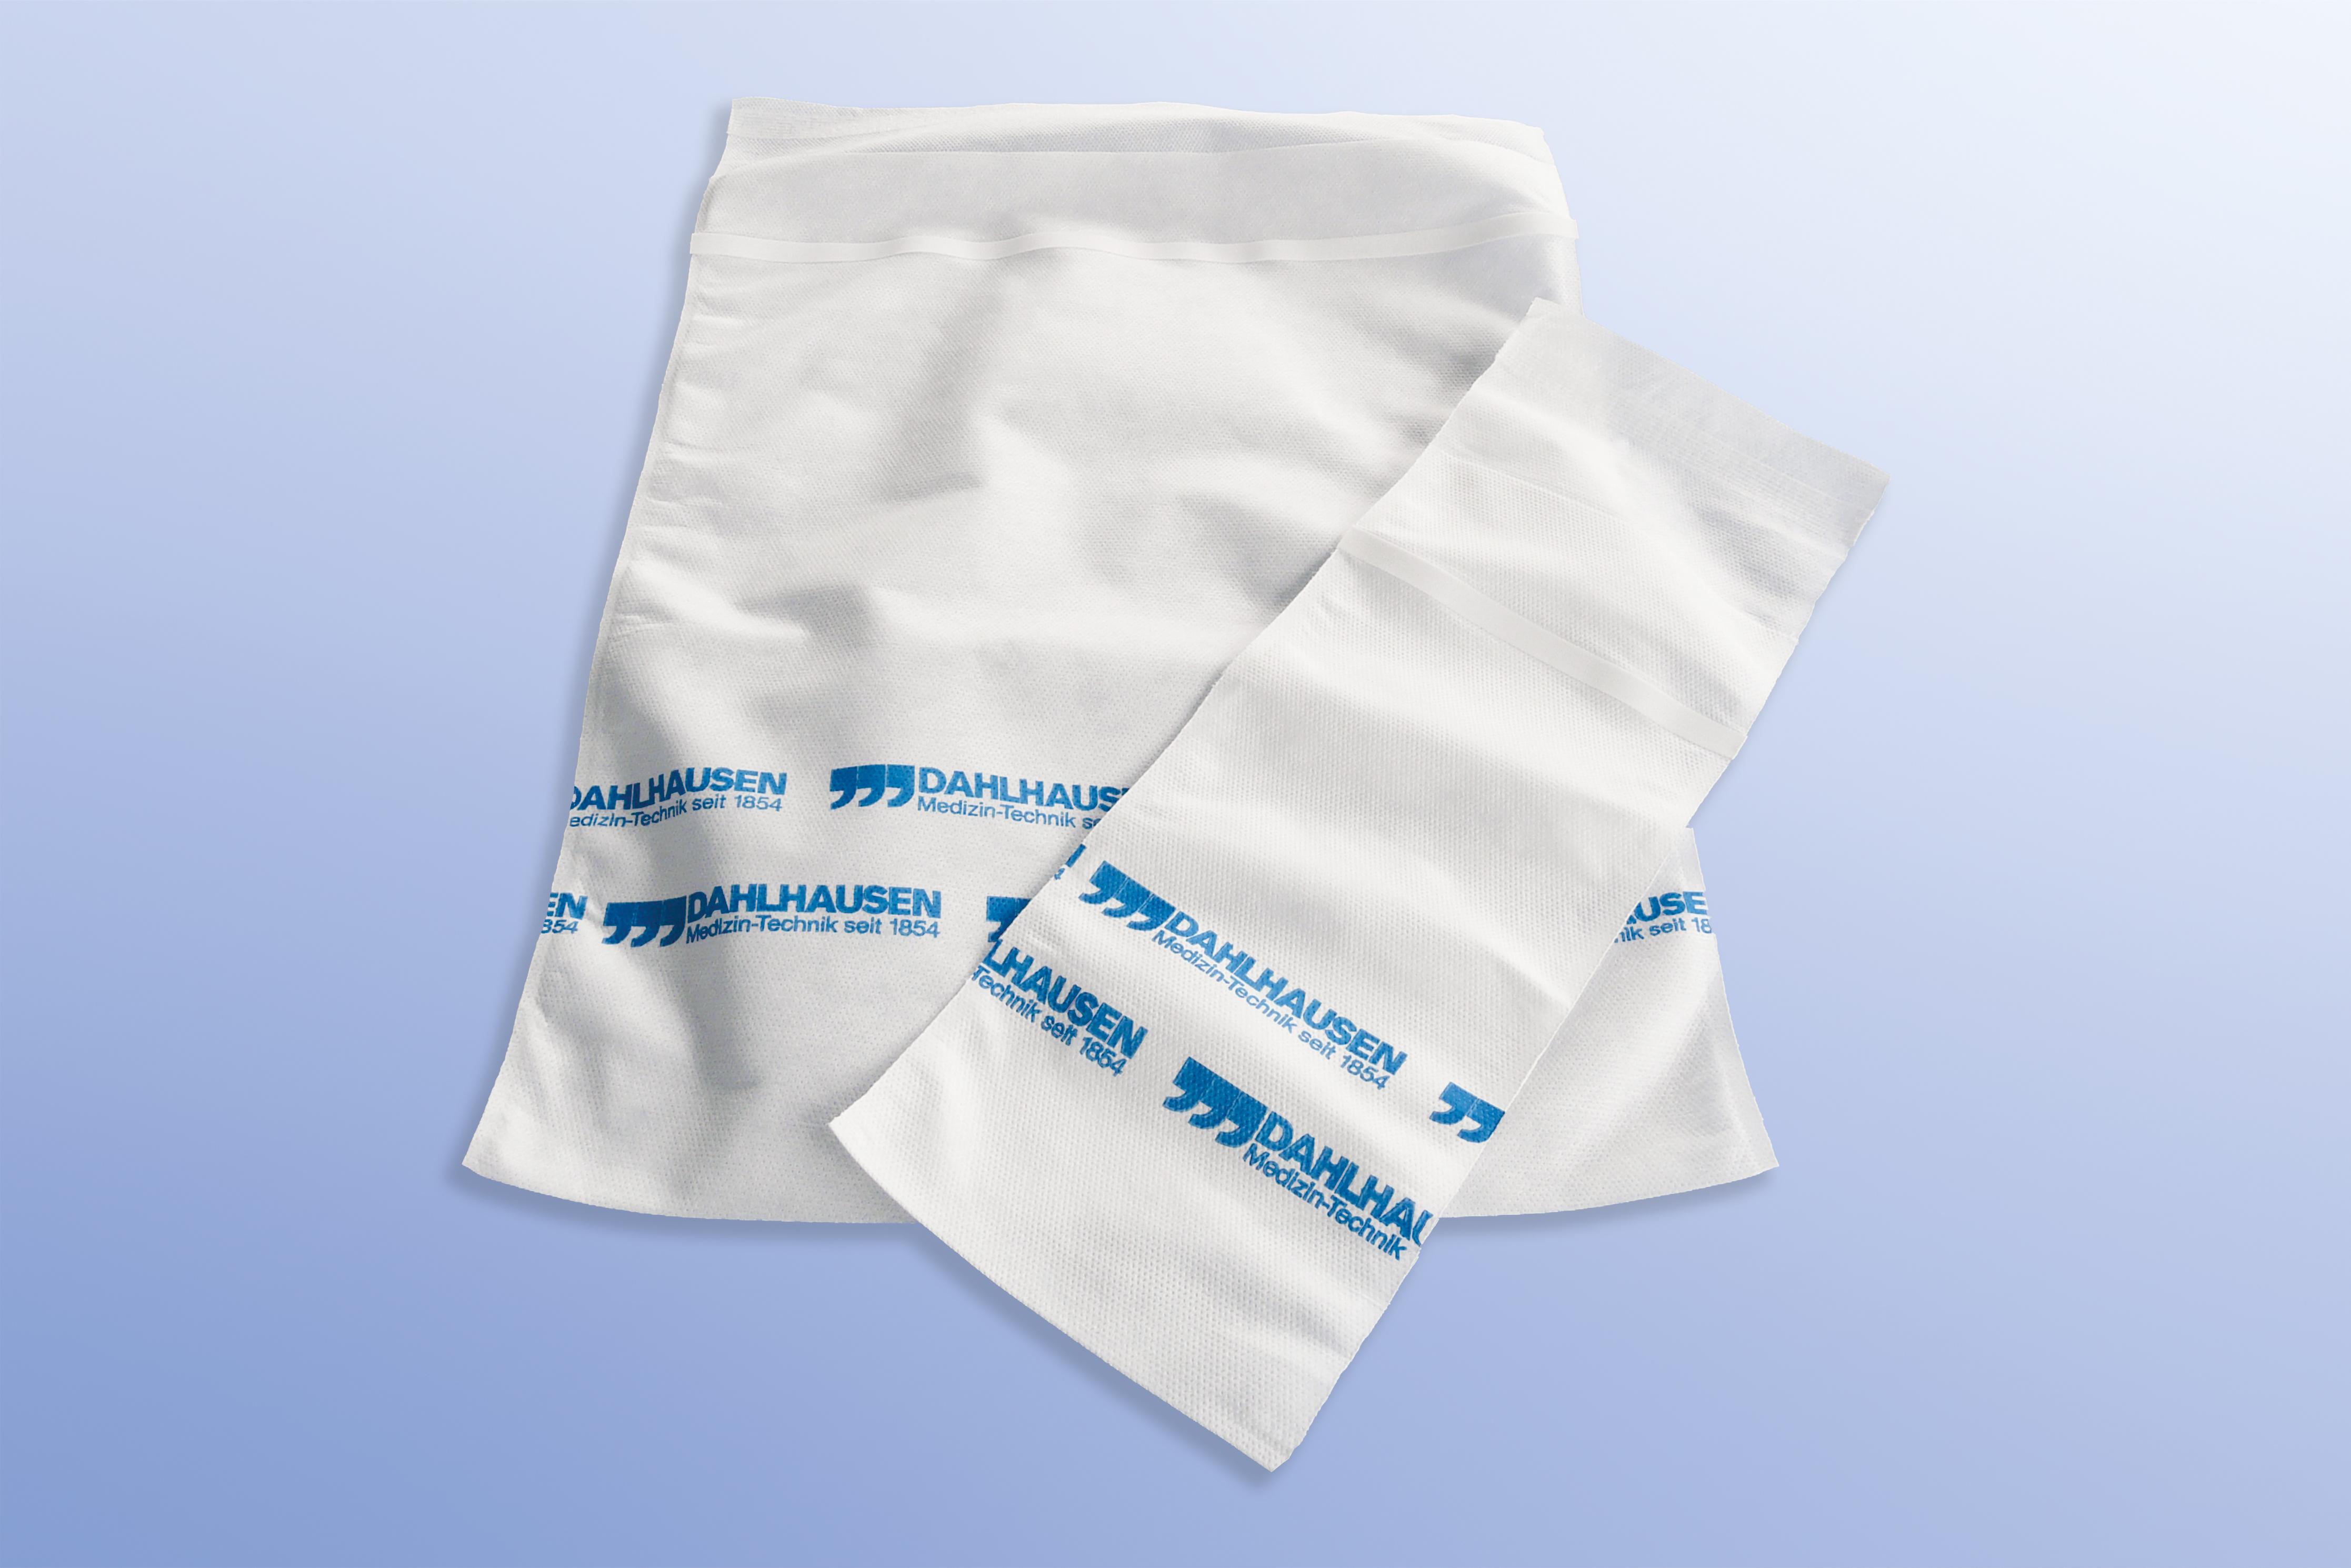 Schutzhüllen für Kalt-/Warm-Kompressen, 13 x 14 cm, Packung â 100 Stück